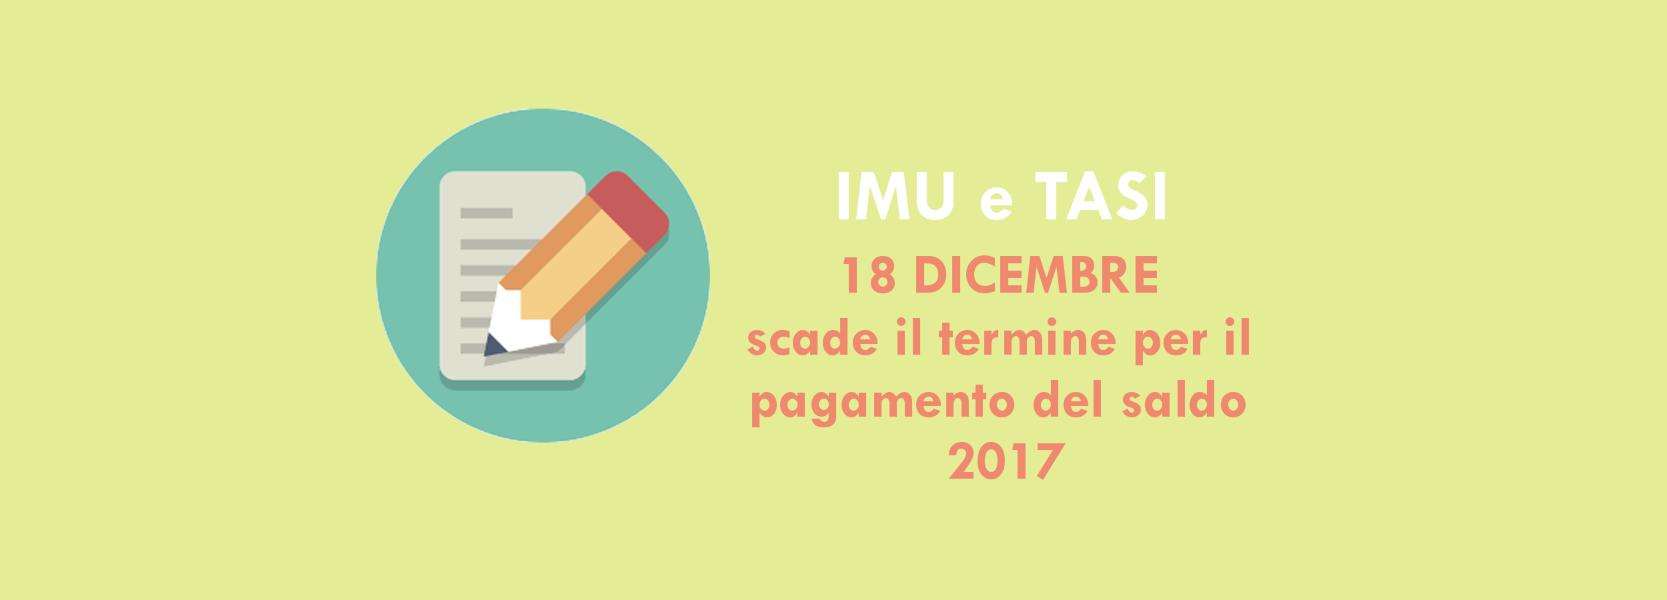 scadenza imu tasi 2017 termine ultimo ed esenzioni caf